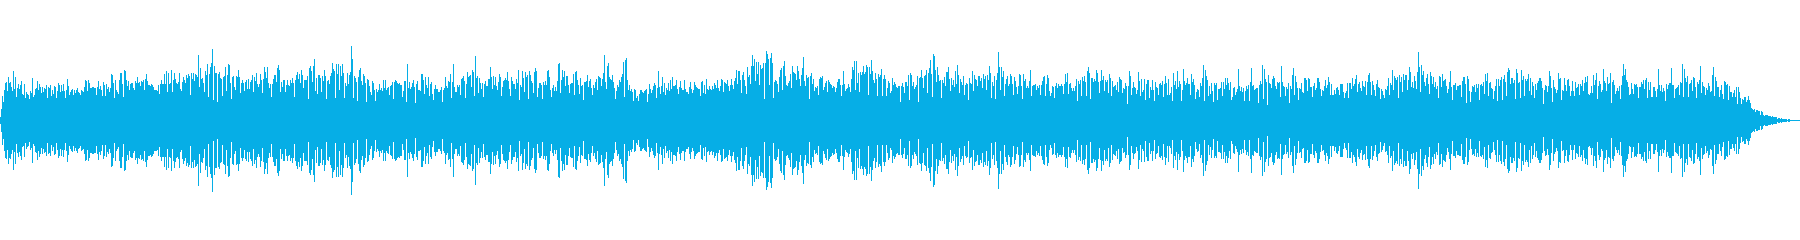 ヘリコプター_タイ_軍用ヘリ_04の再生済みの波形